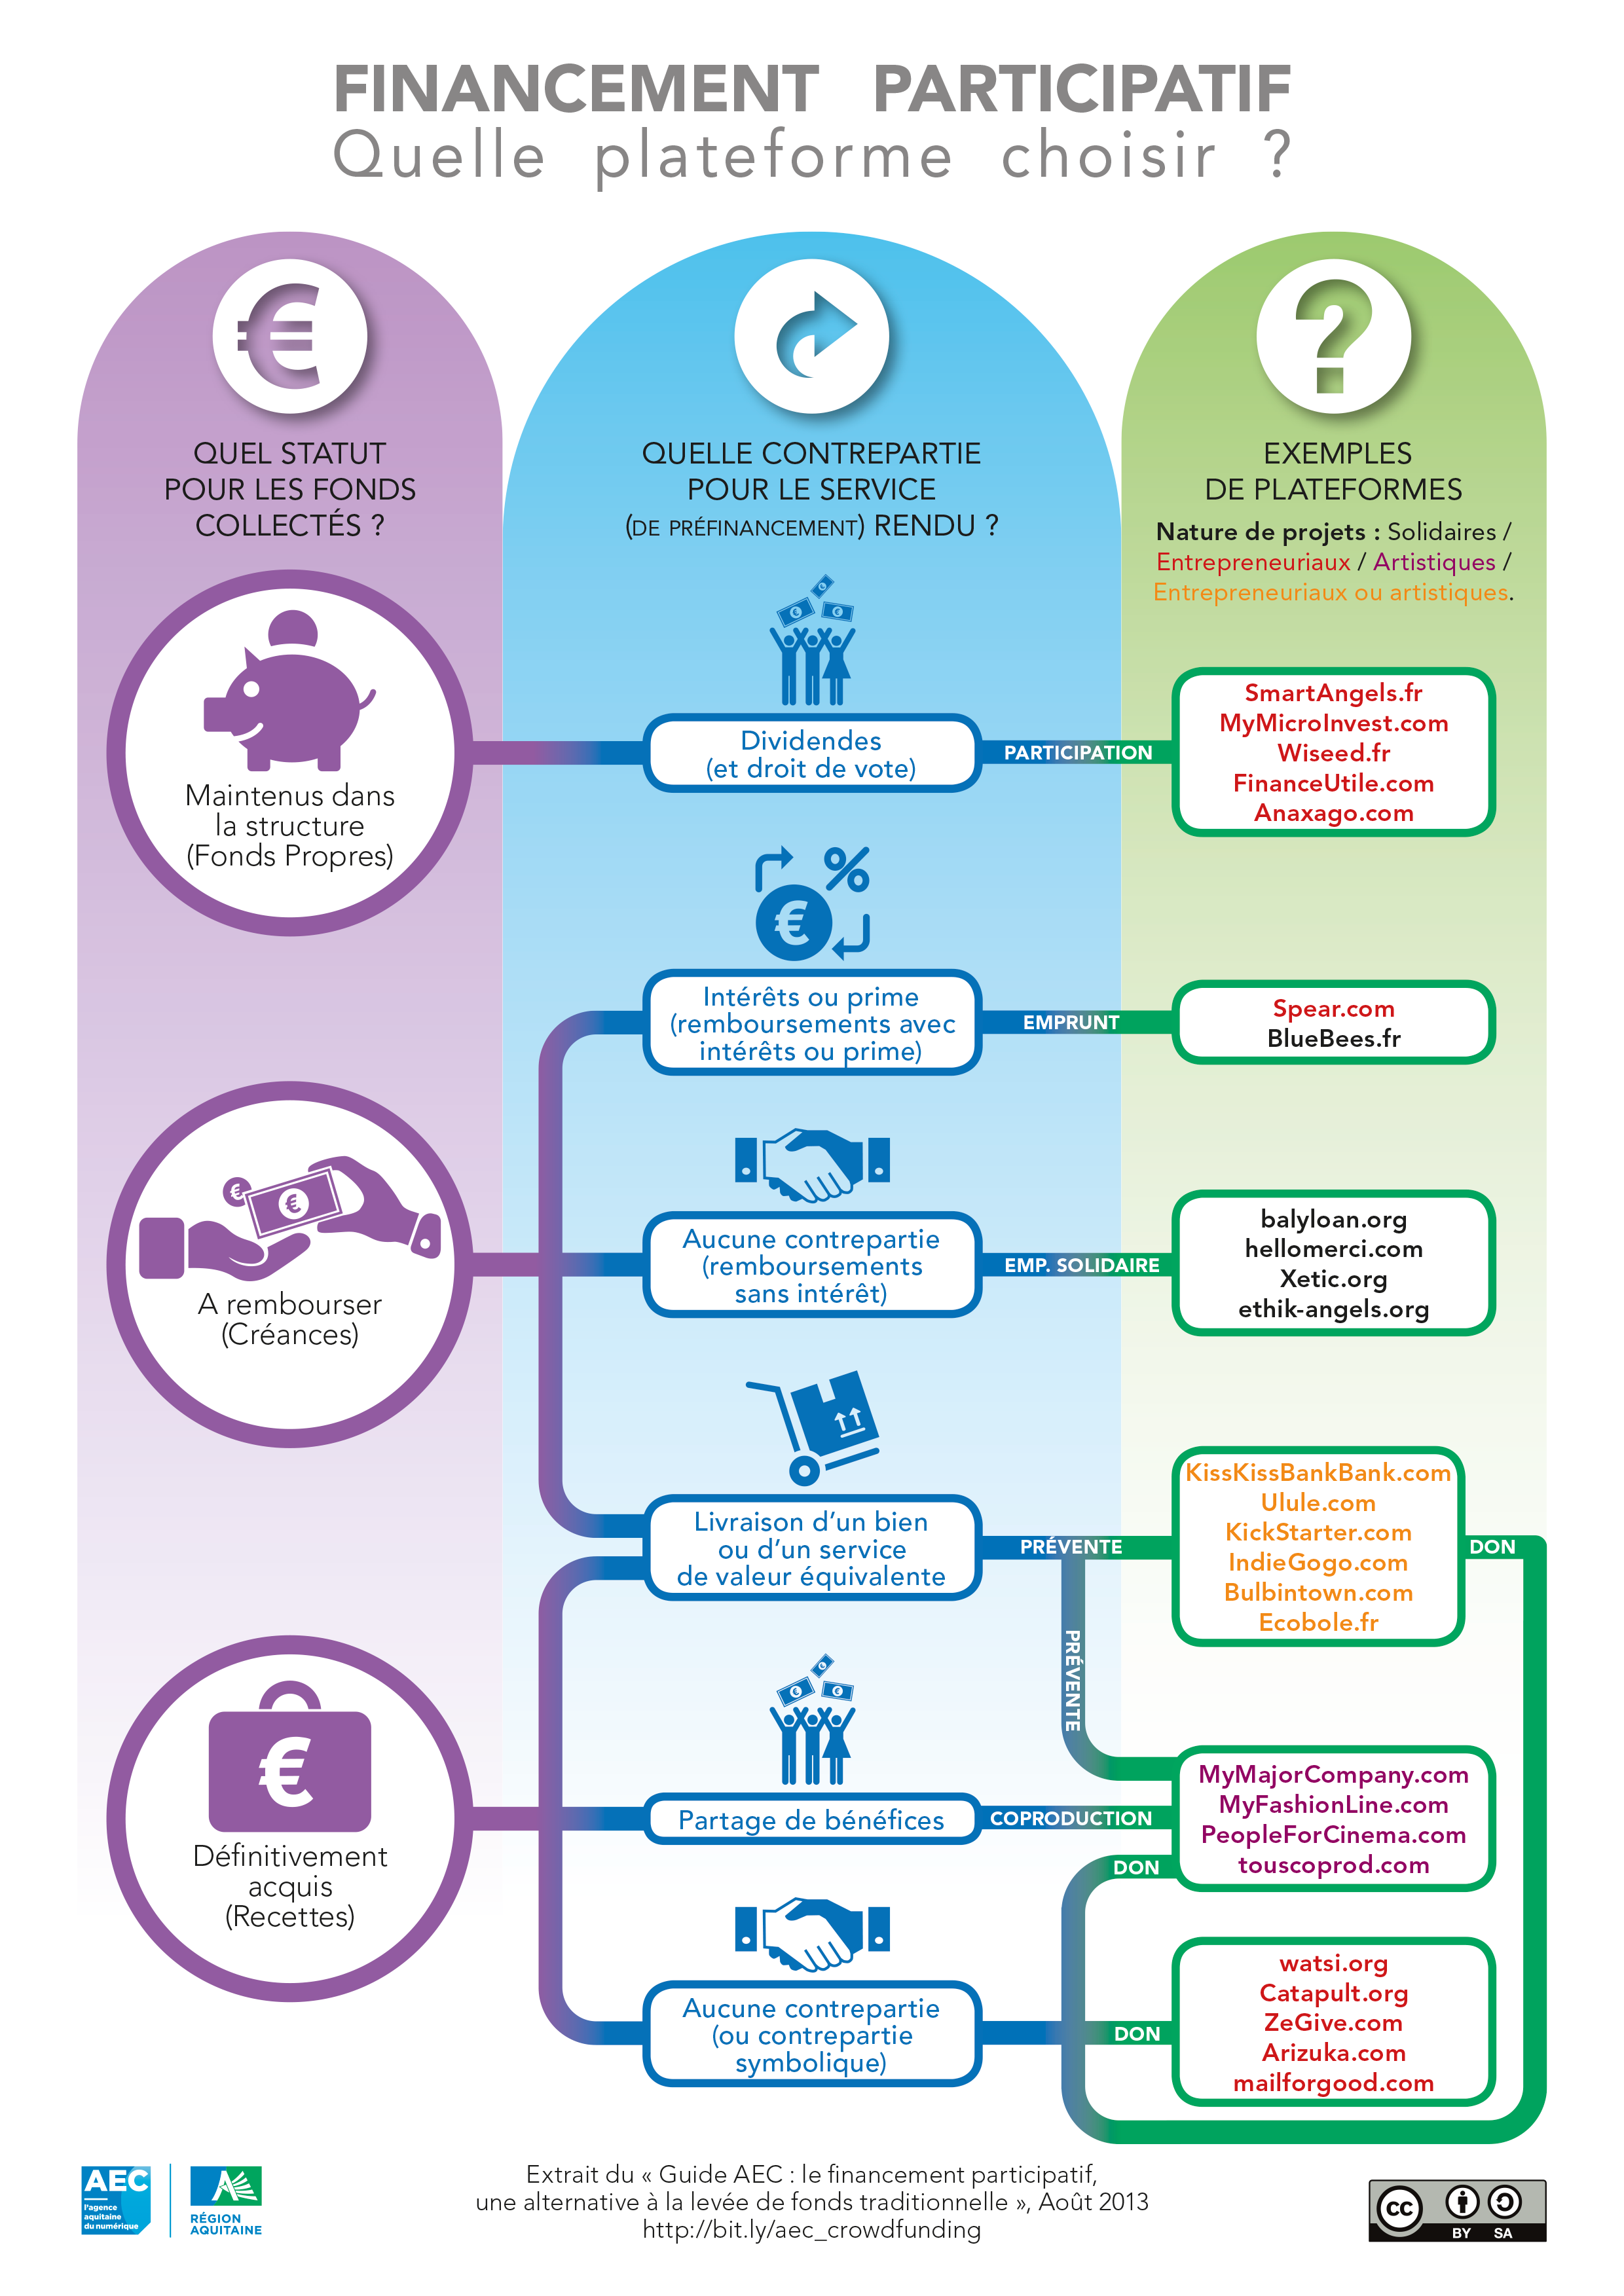 Infographie sur le choix d'une plateforme de crowdfunding